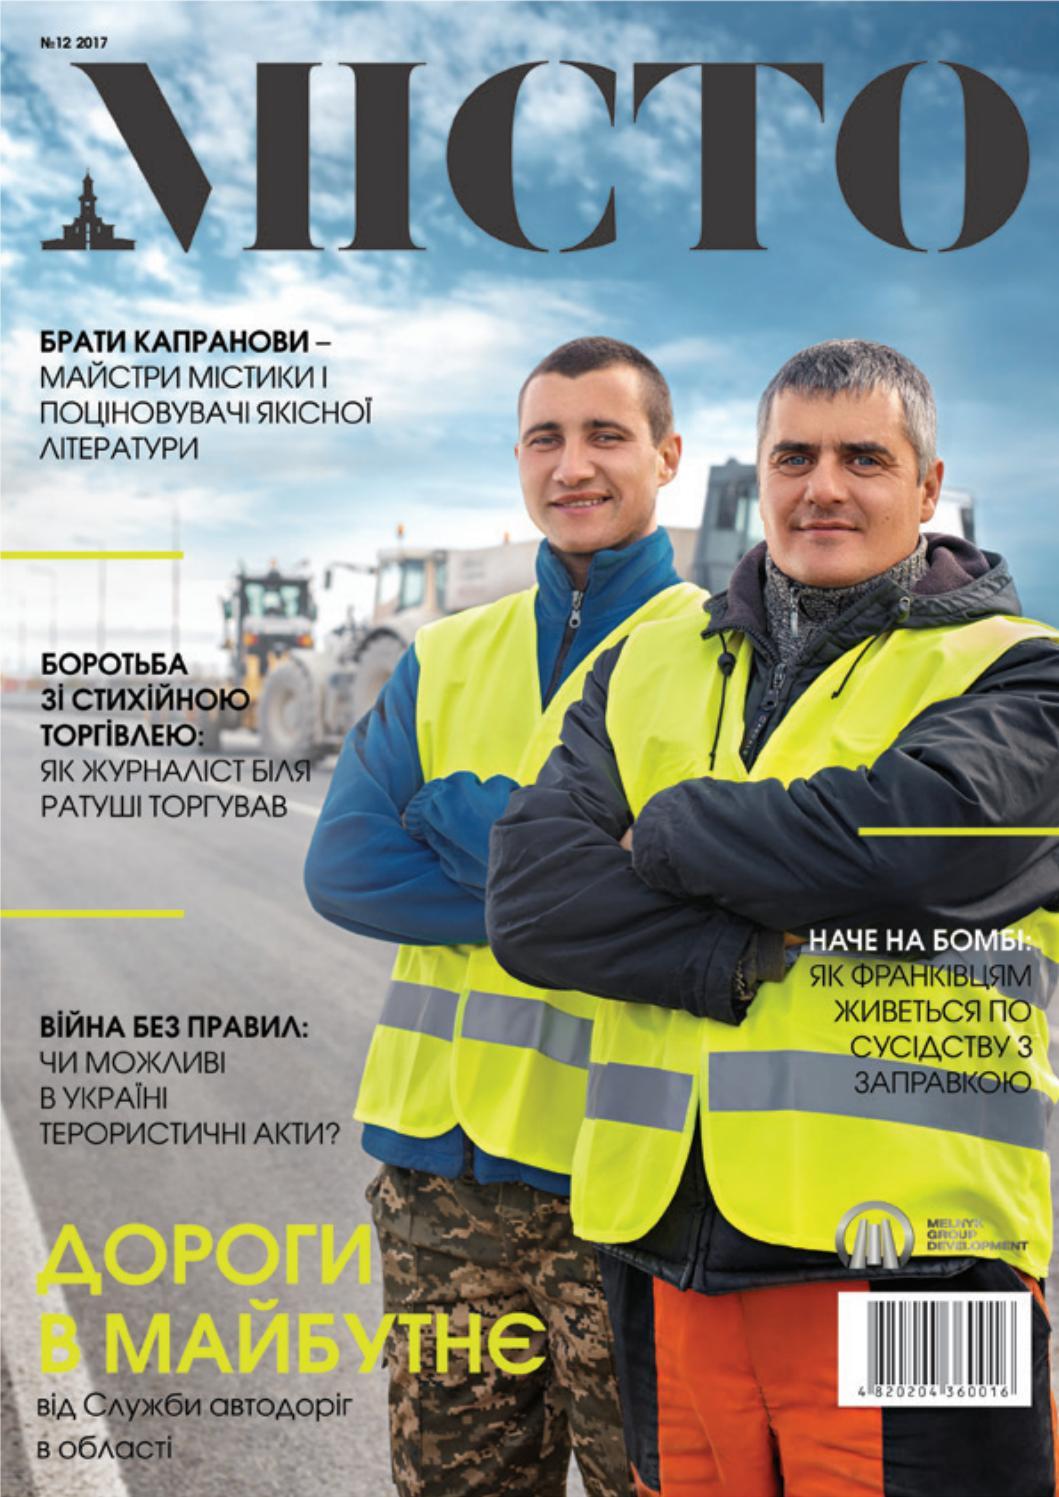 Журнал МІСТО № 12 by Юлія - issuu 2de1085a599f0